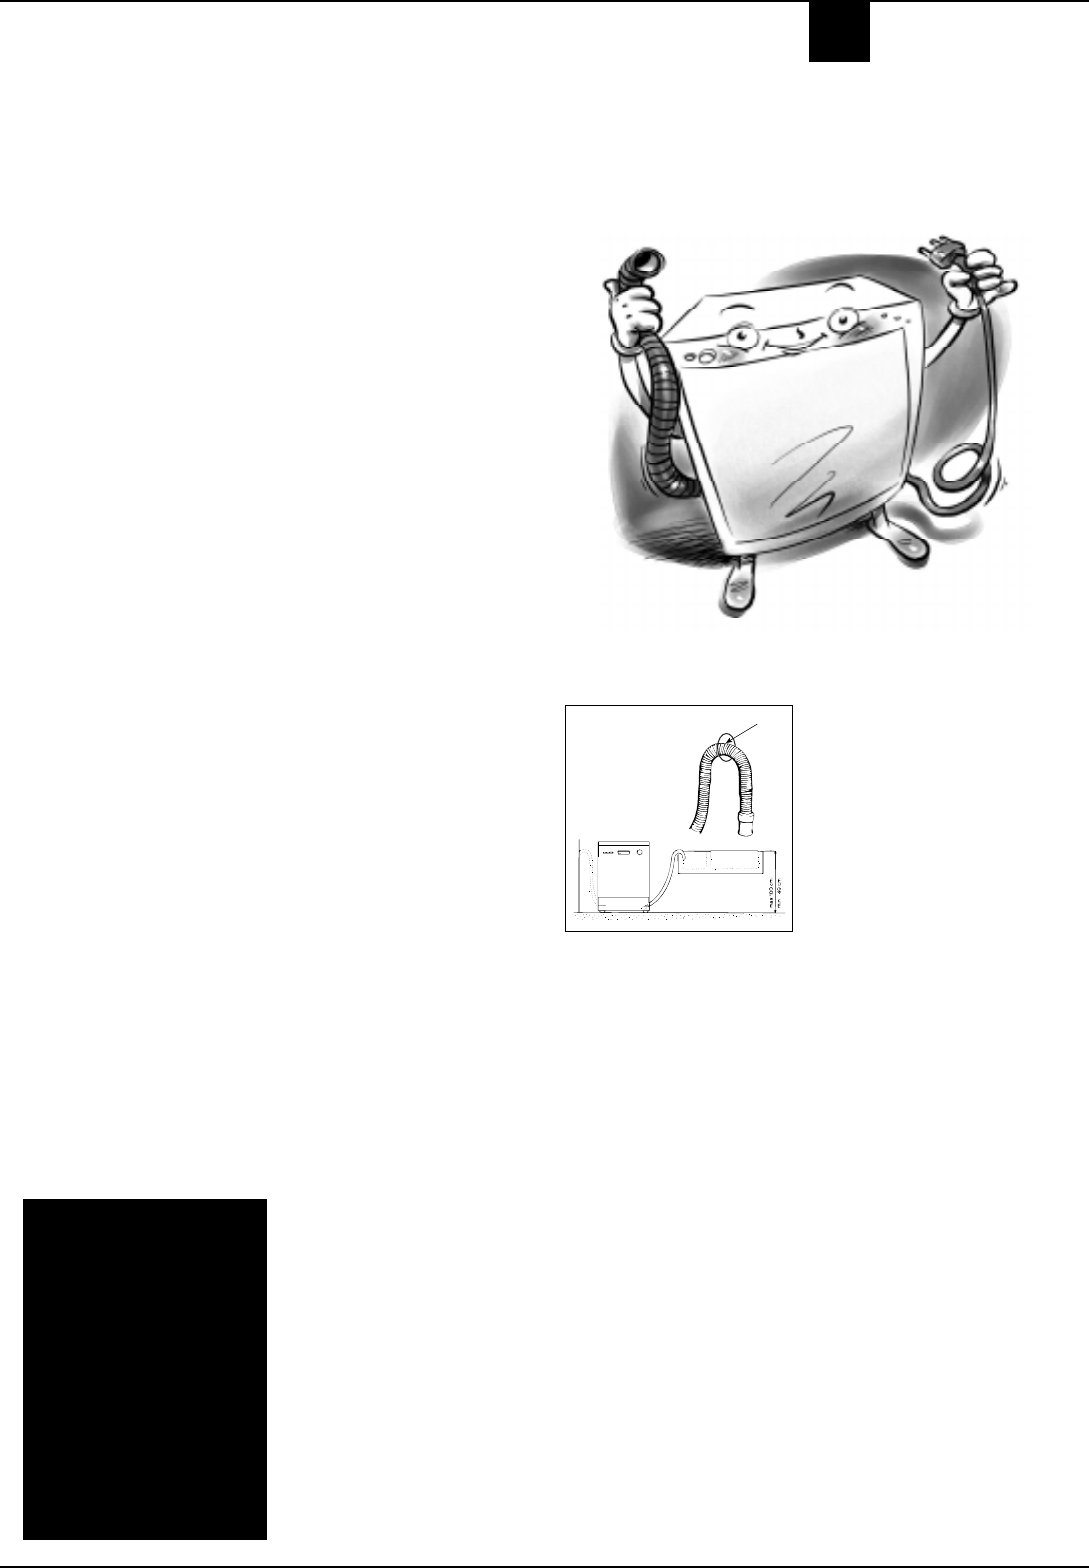 Handleiding Hotpoint Ariston Li 680 Duo Pagina 23 Van 80